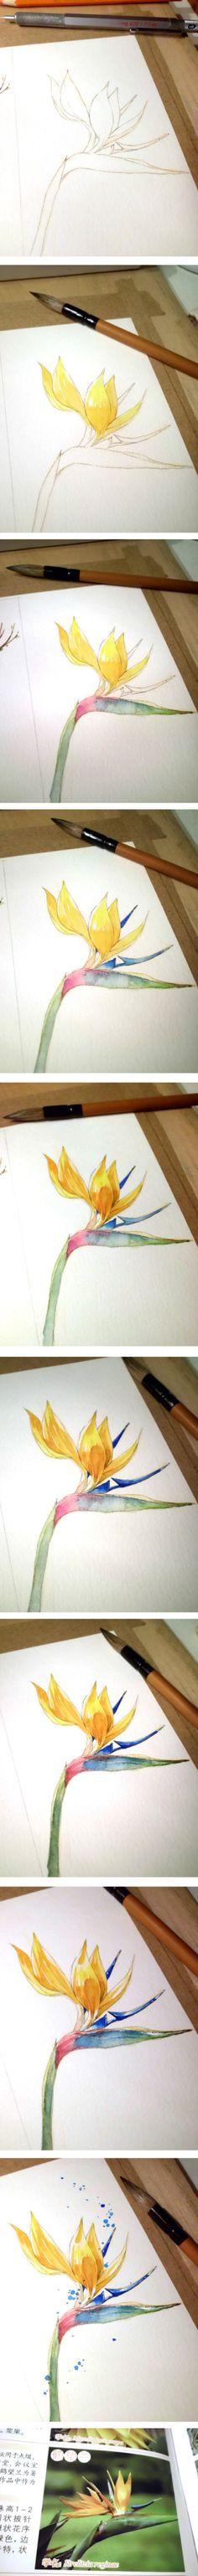 -插画家园...来自咎由自取。的图片分享-堆糖